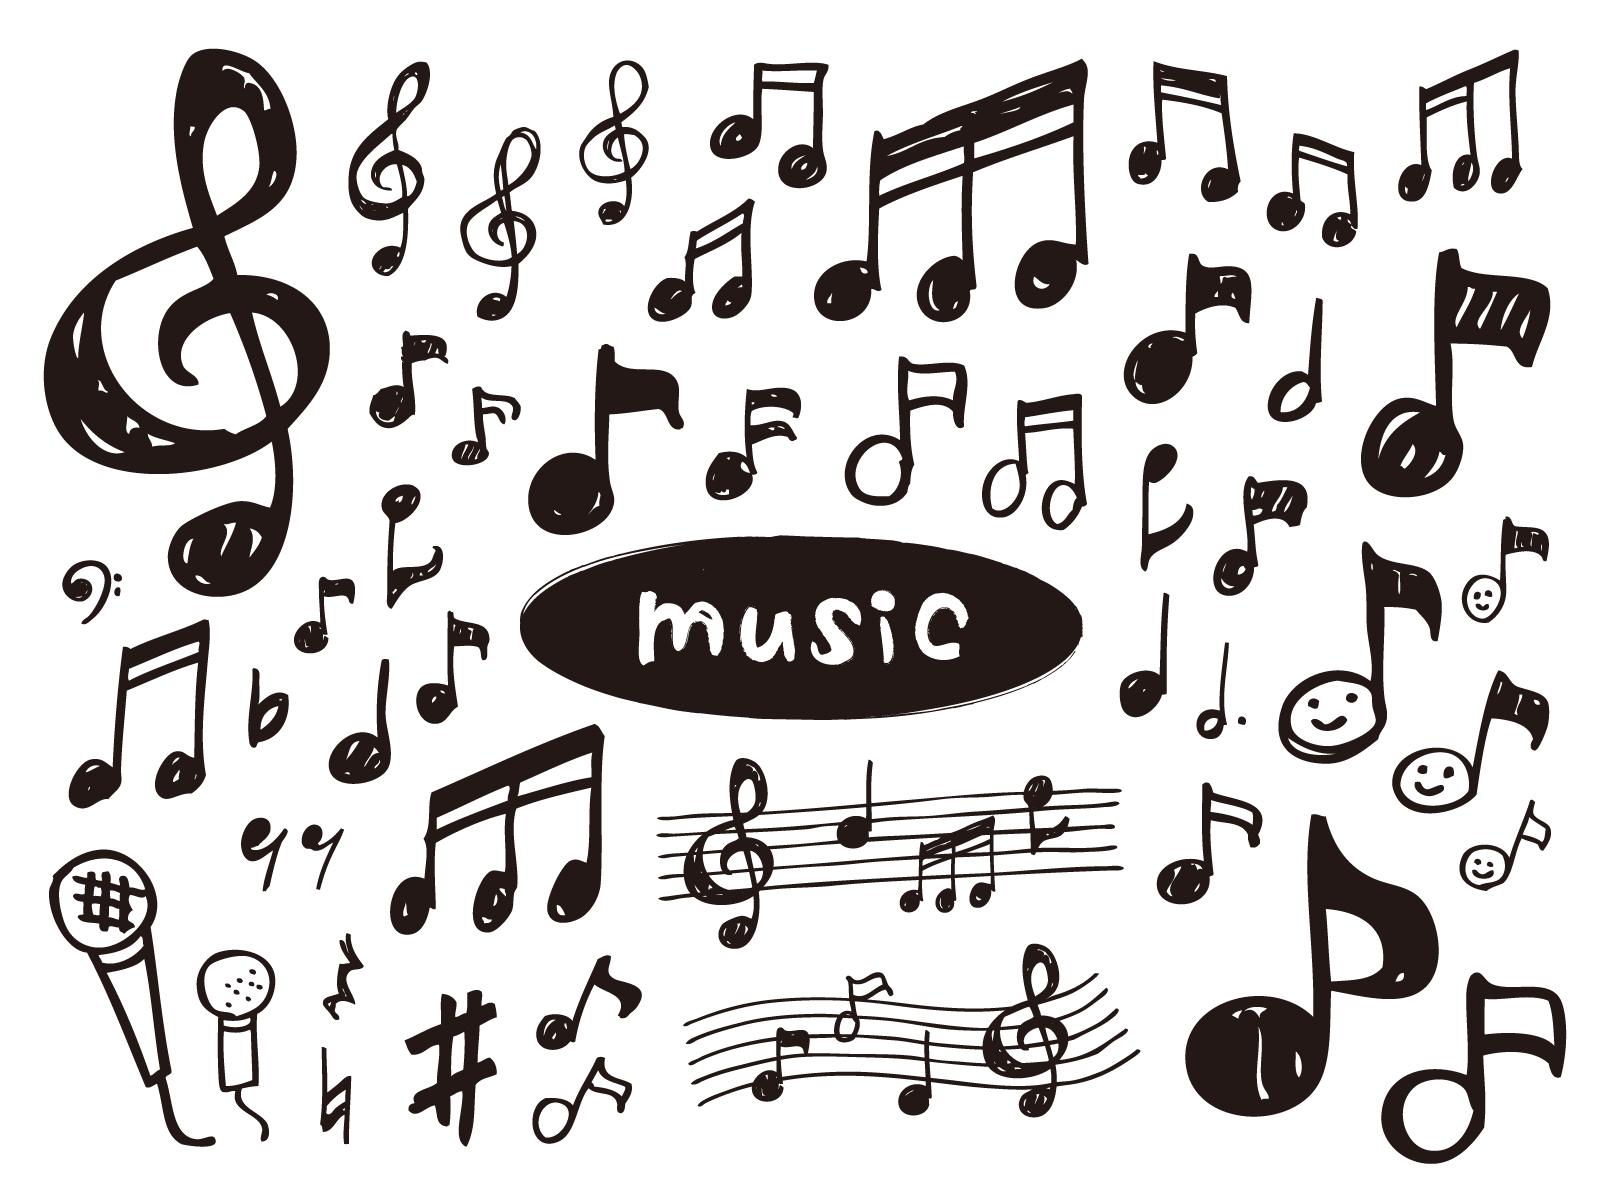 音楽療法により、認知症の祖母に大きな変化